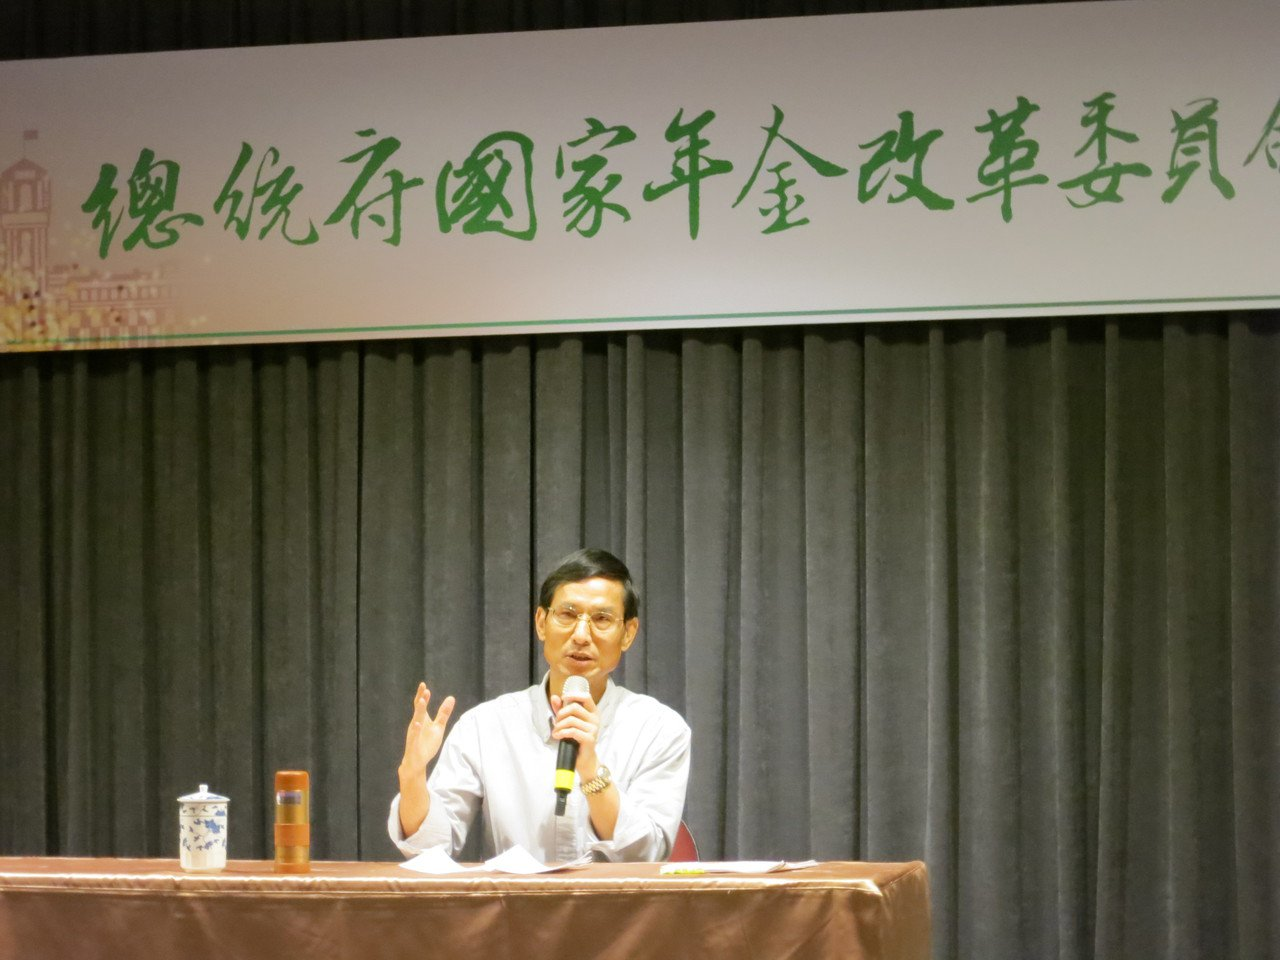 年改會副召集人林萬億指出,軍人年金制度國是會議後單獨開會討論。記者陳智華/攝影